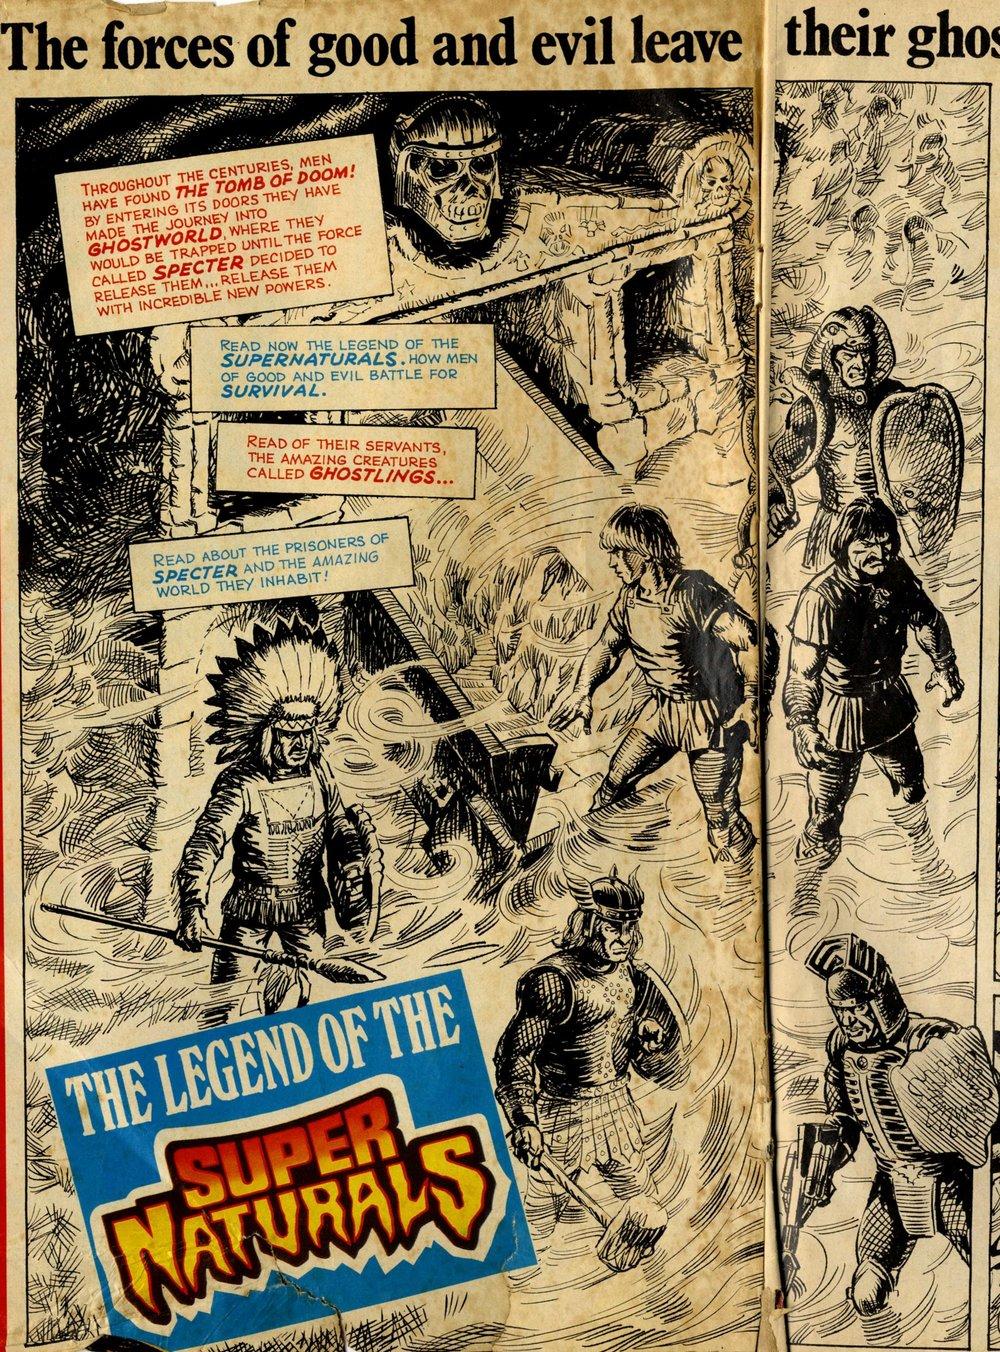 The Legend of the Super Naturals: John Gillatt (artist)